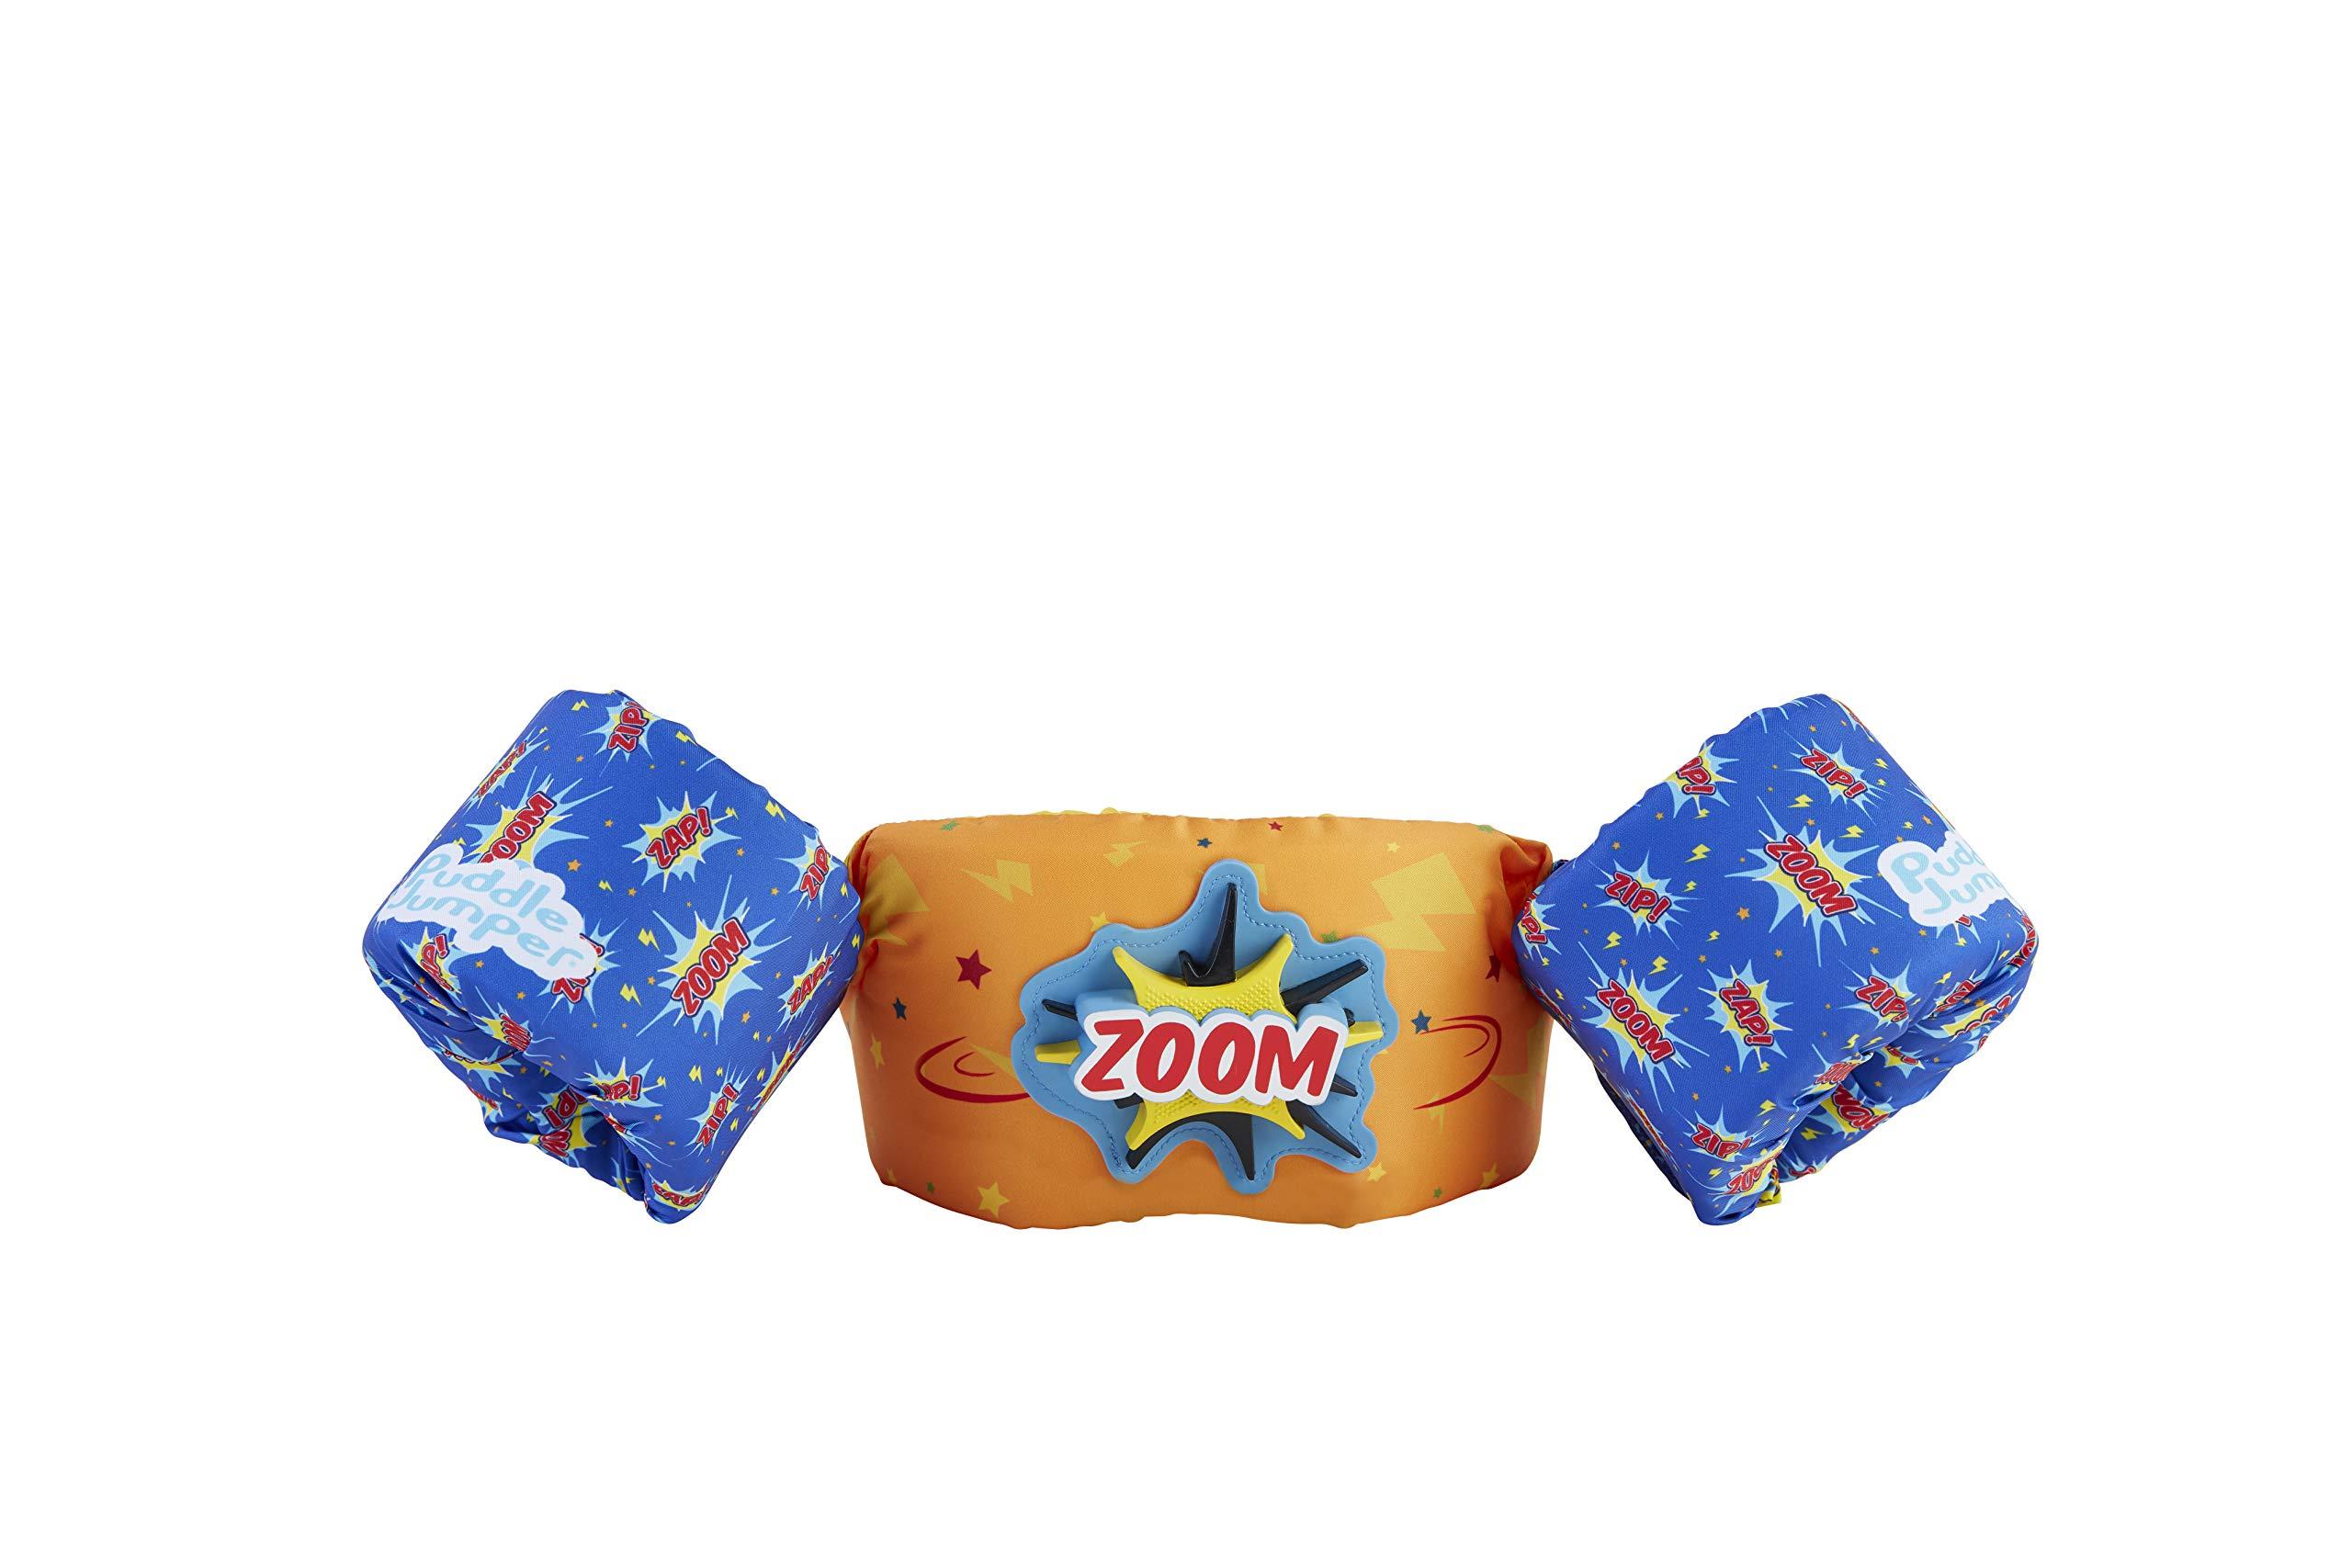 Zoom Deluxe 3D Life Vest for Children Stearns Original Puddle Jumper Kids Life Jacket